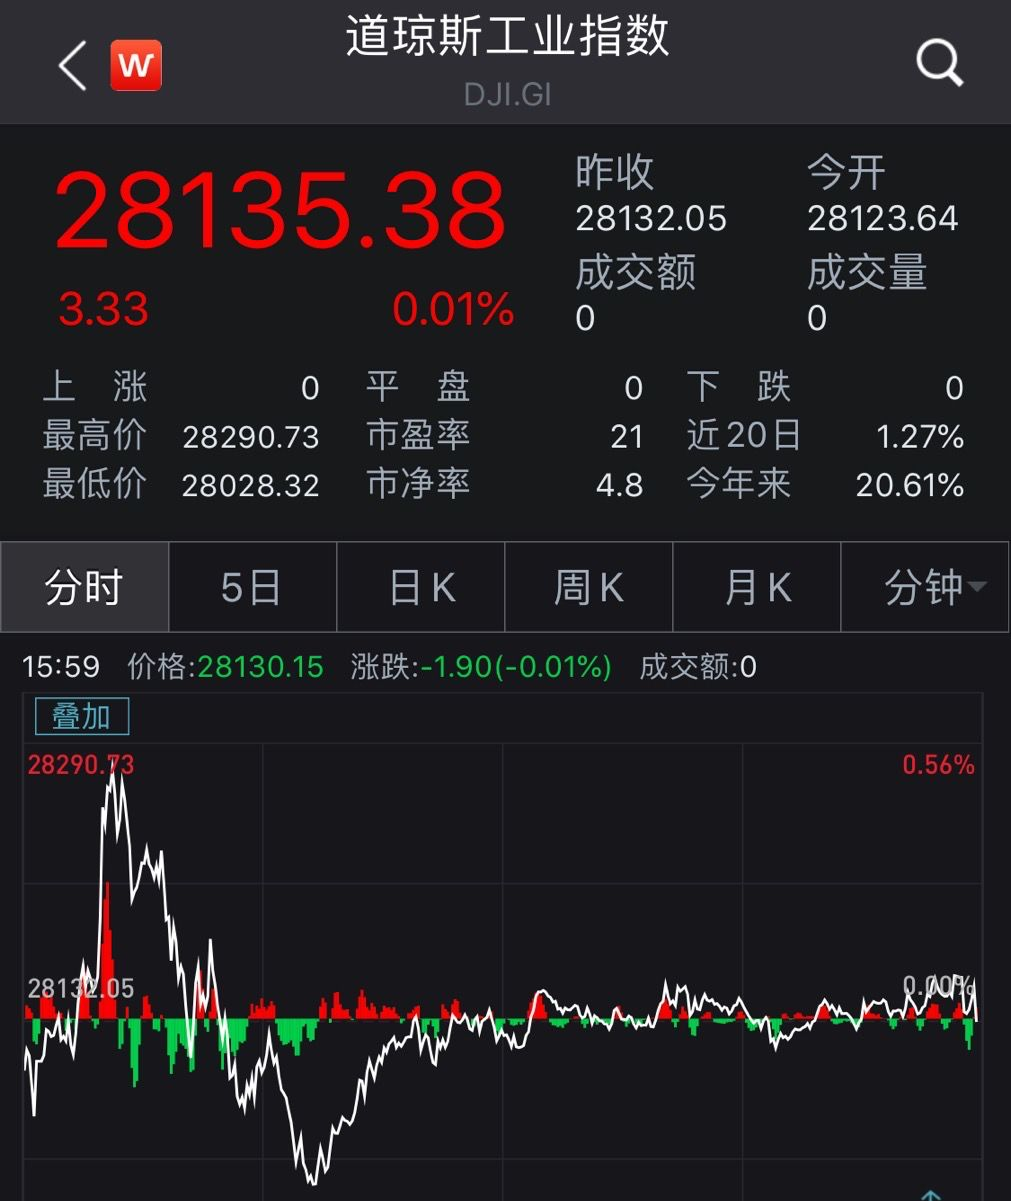 http://www.weixinrensheng.com/caijingmi/1245369.html